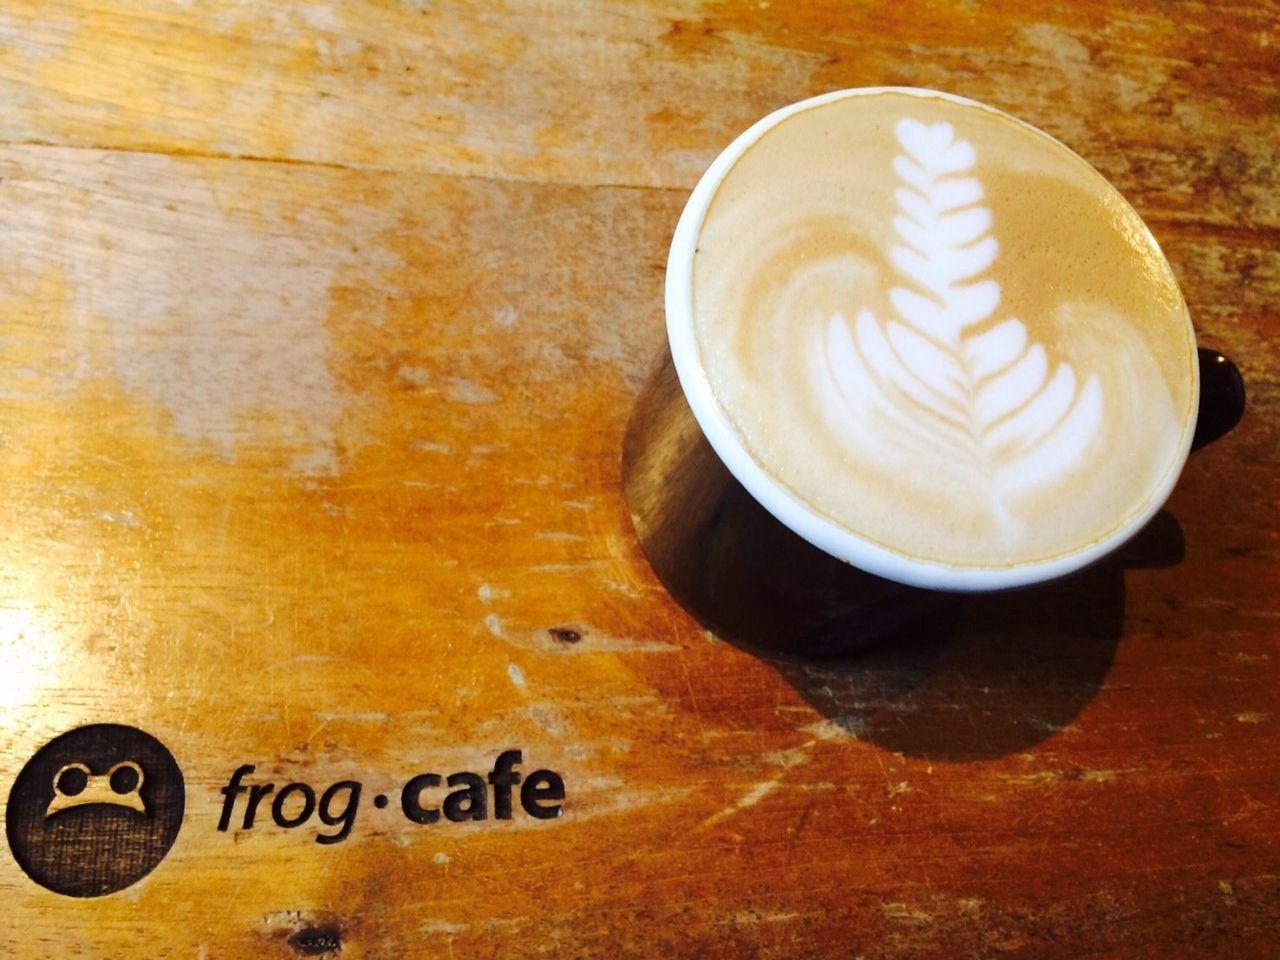 木の暖かさを感じてひと休憩〜frog・cafe〜